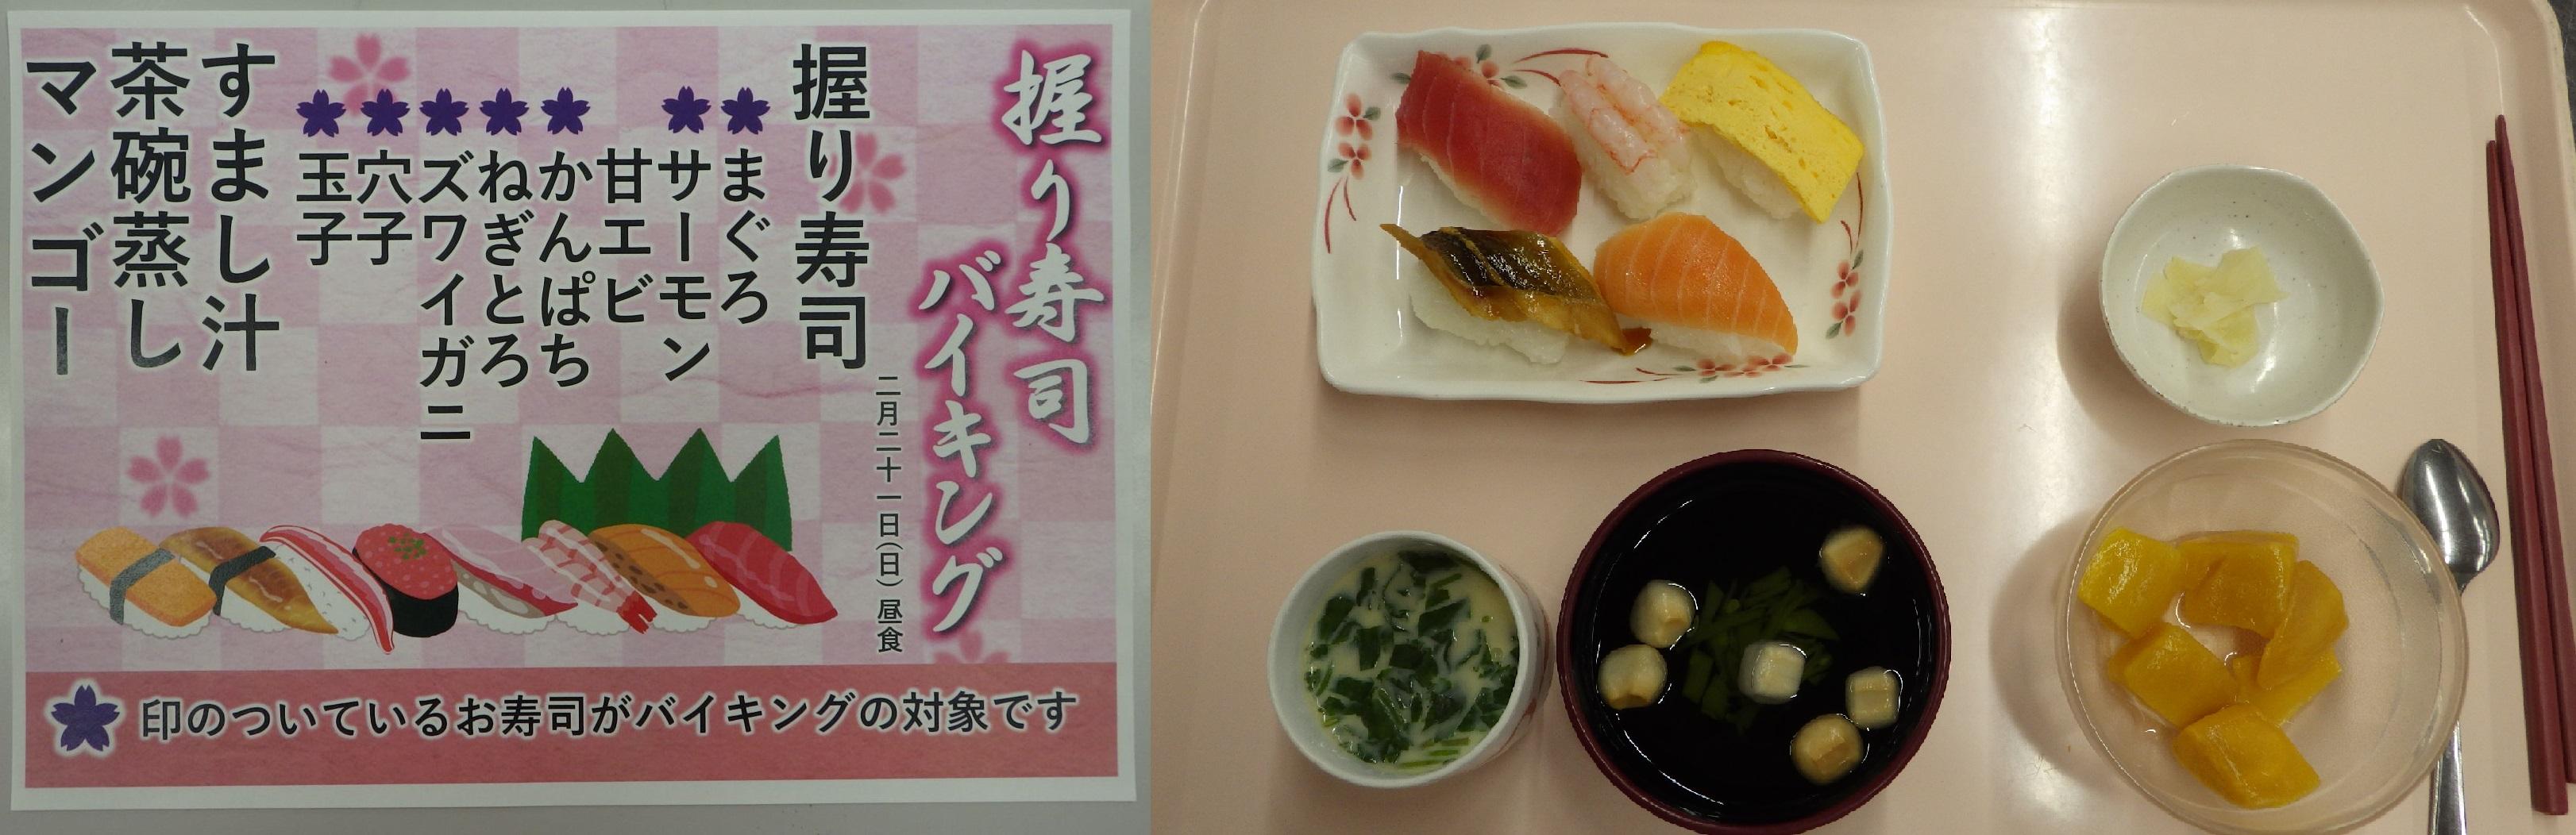 寿司バイキング①.jpg